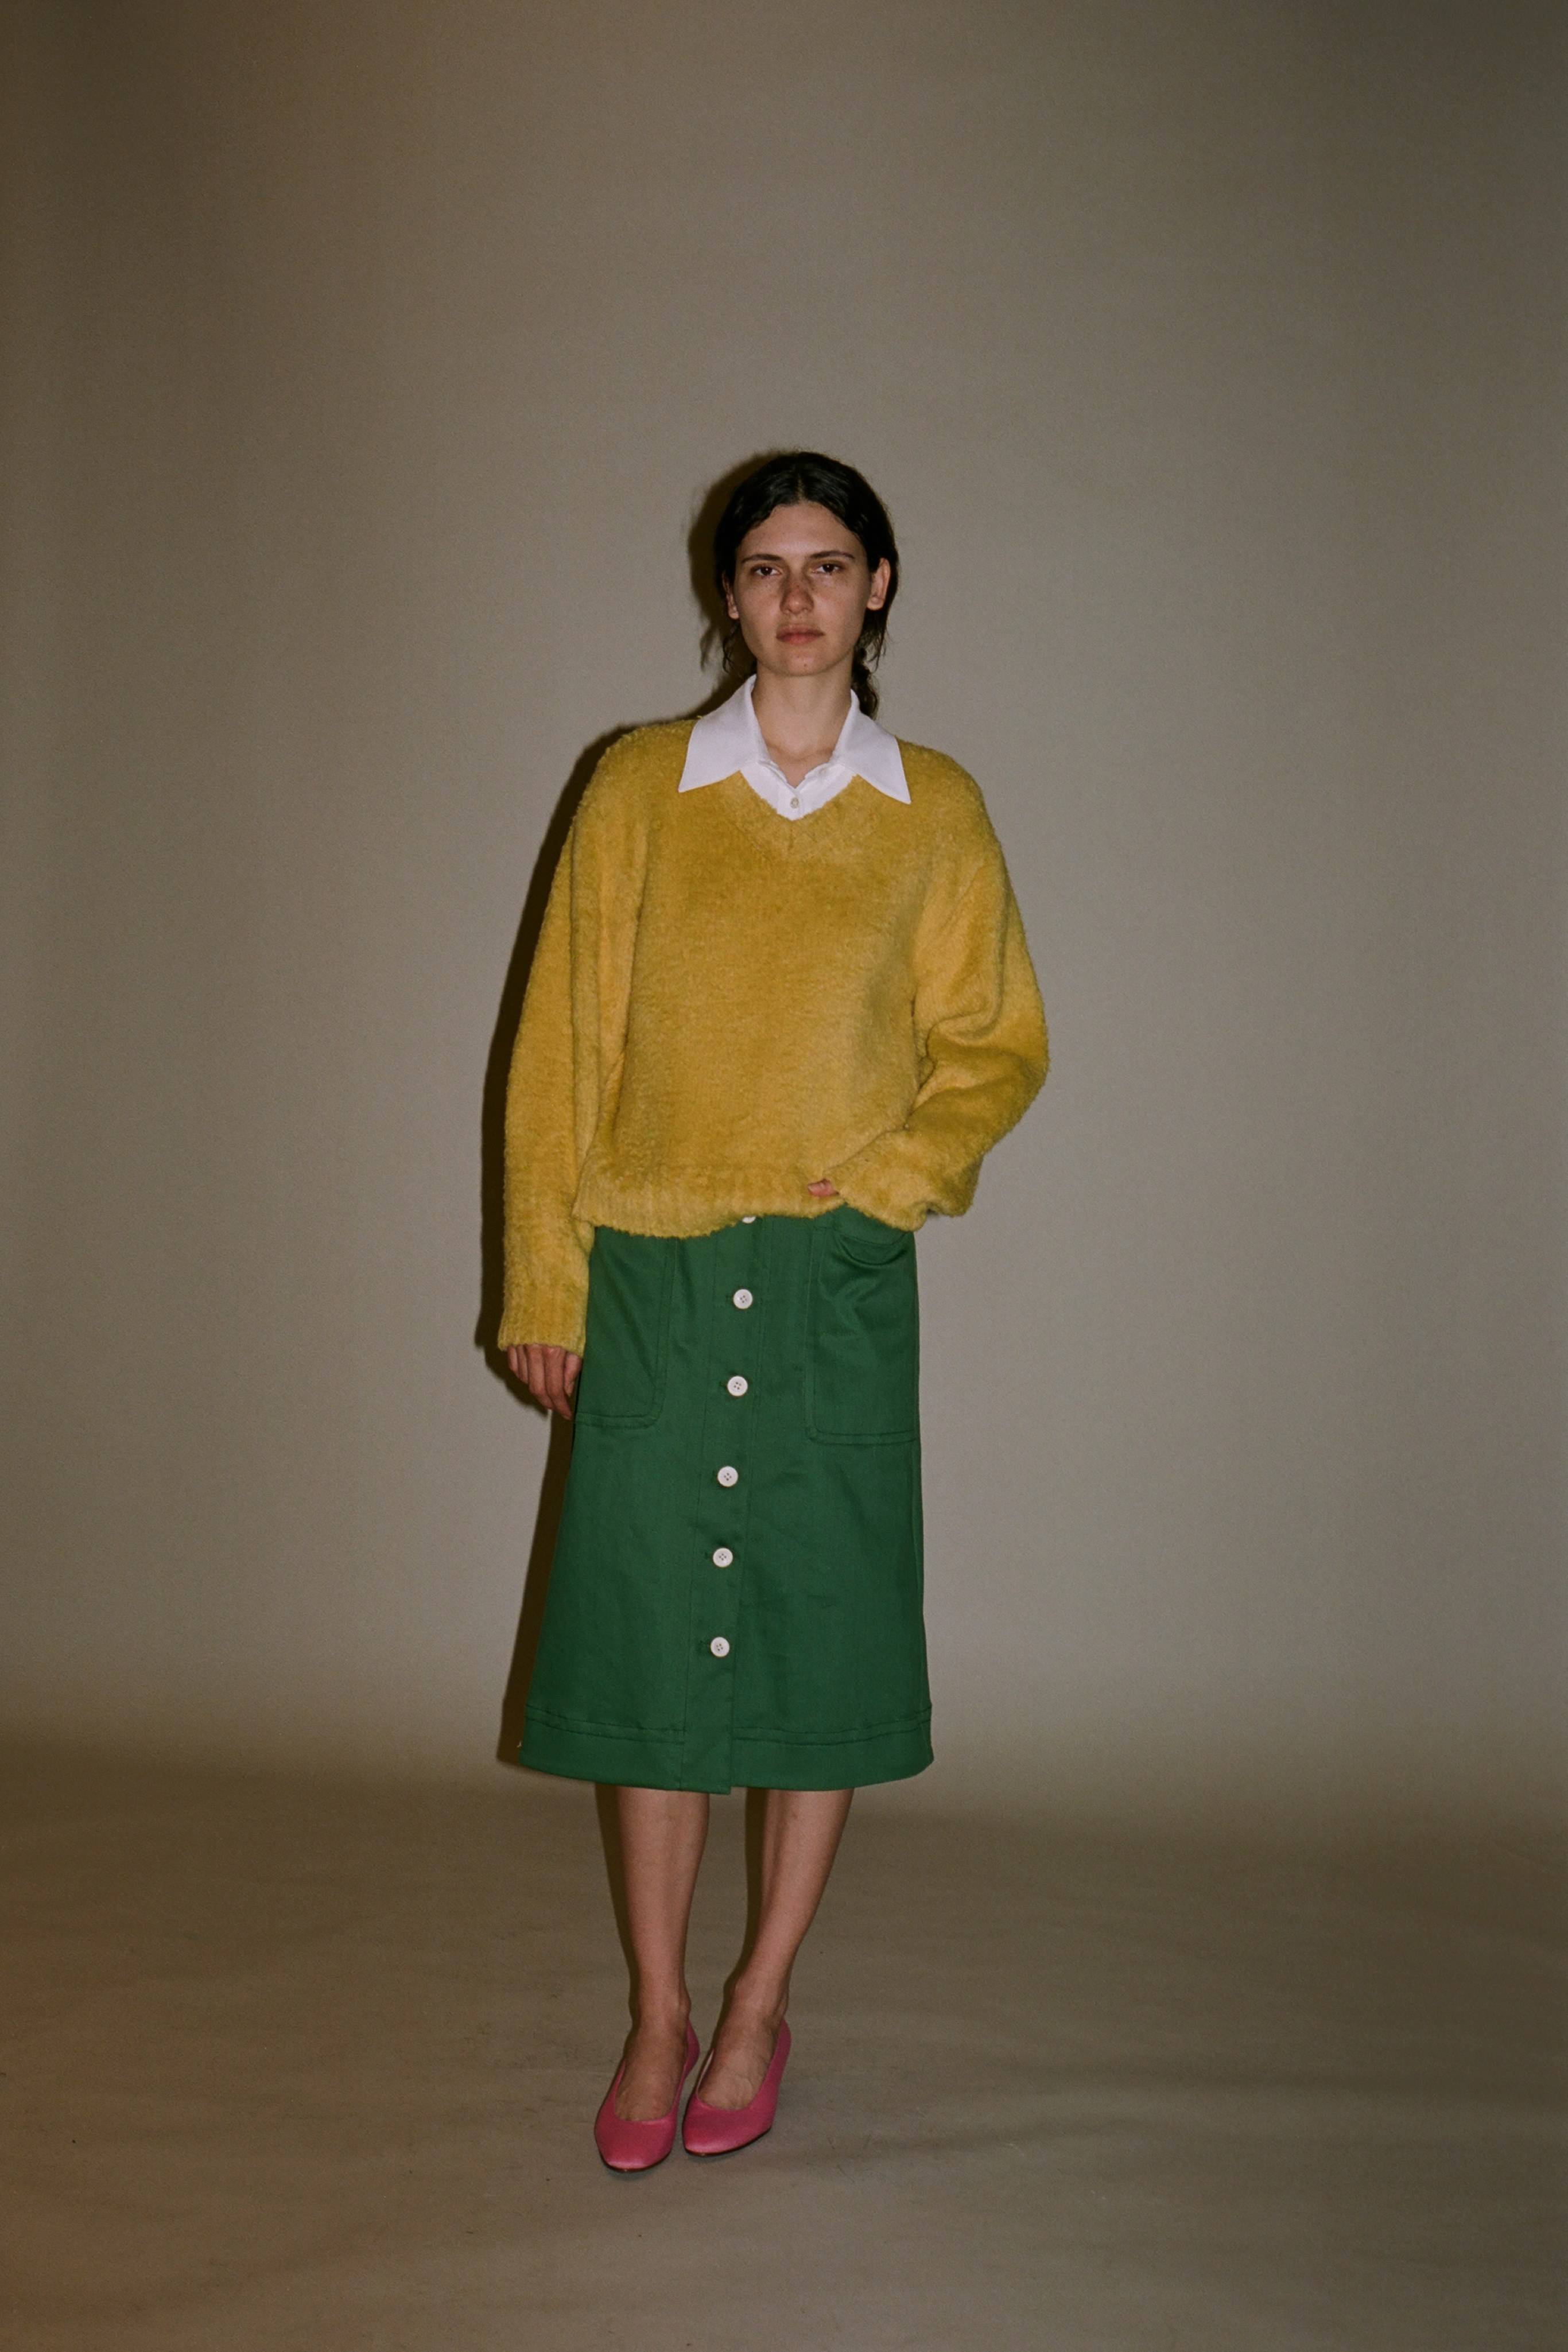 Corbin color denim skirt, Fae fleece v-neck sweater